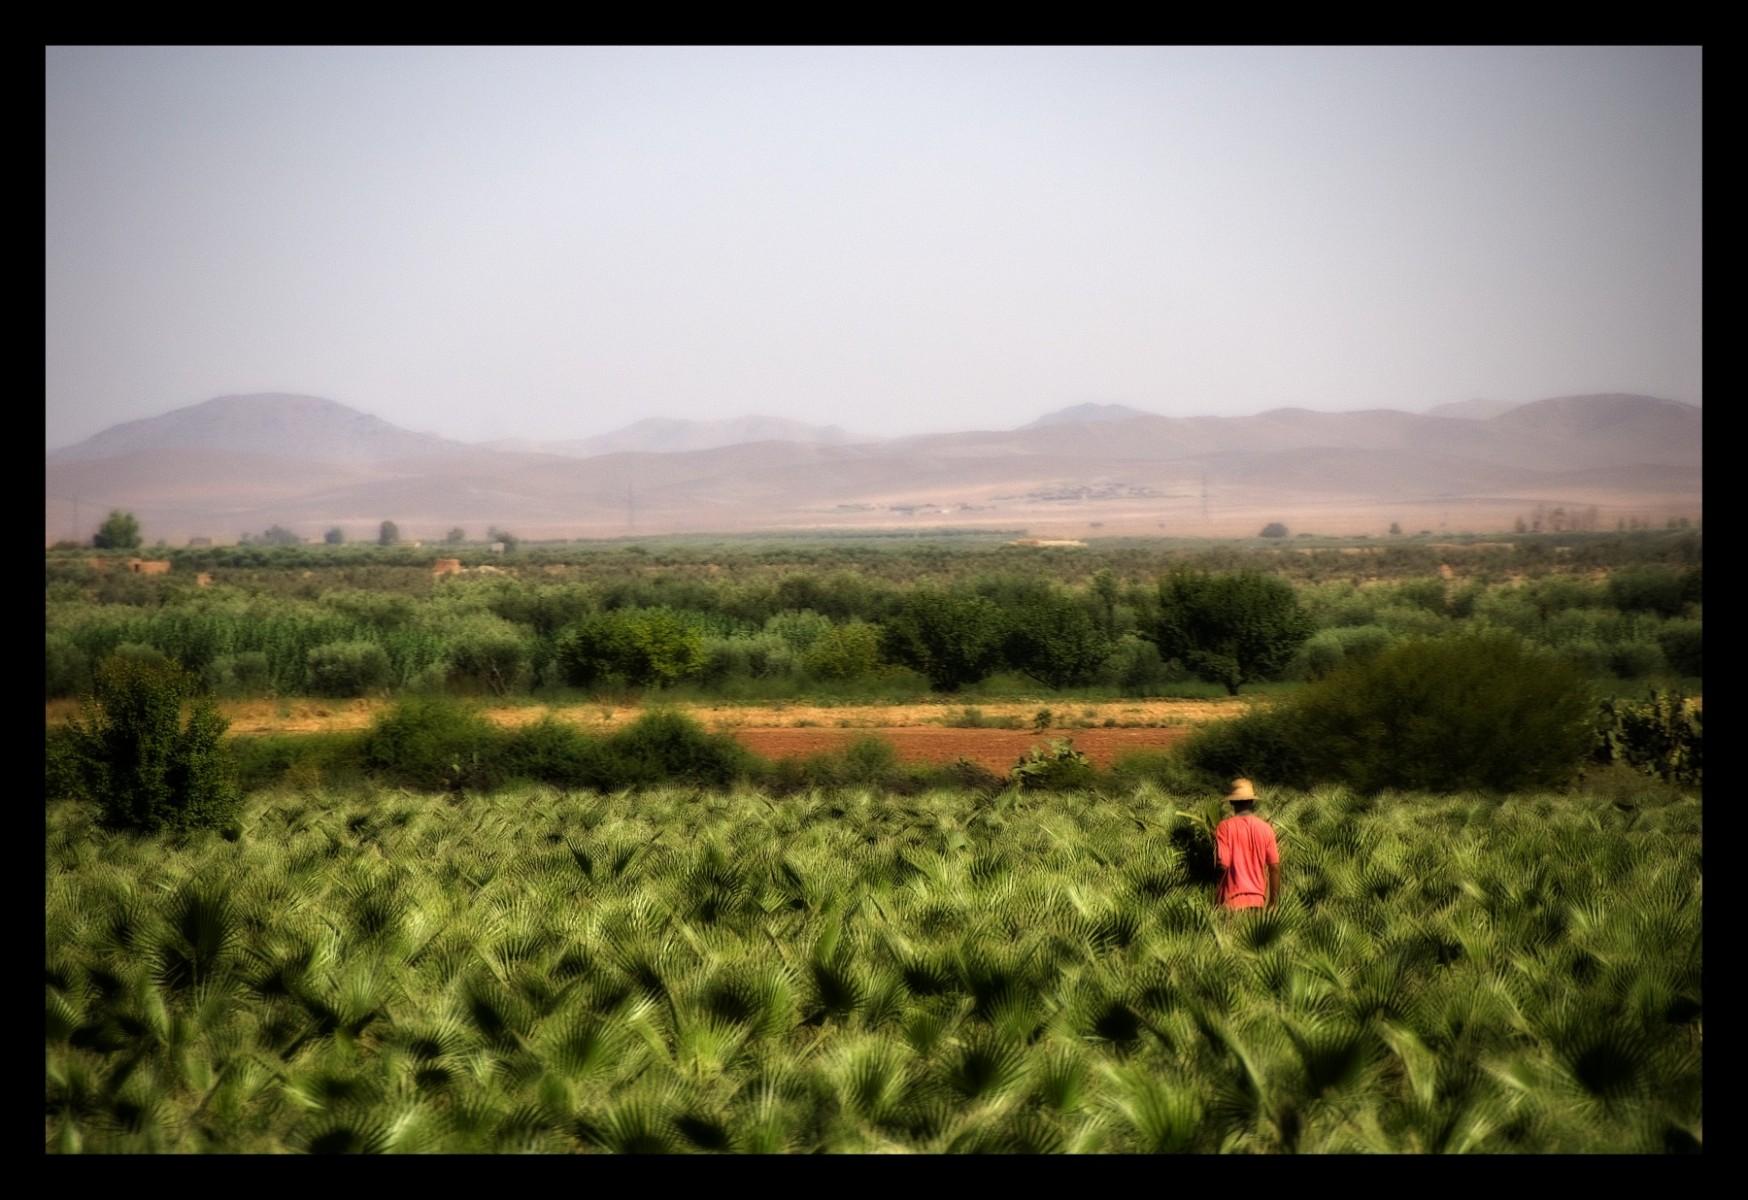 91315_DSC0011 on desert green